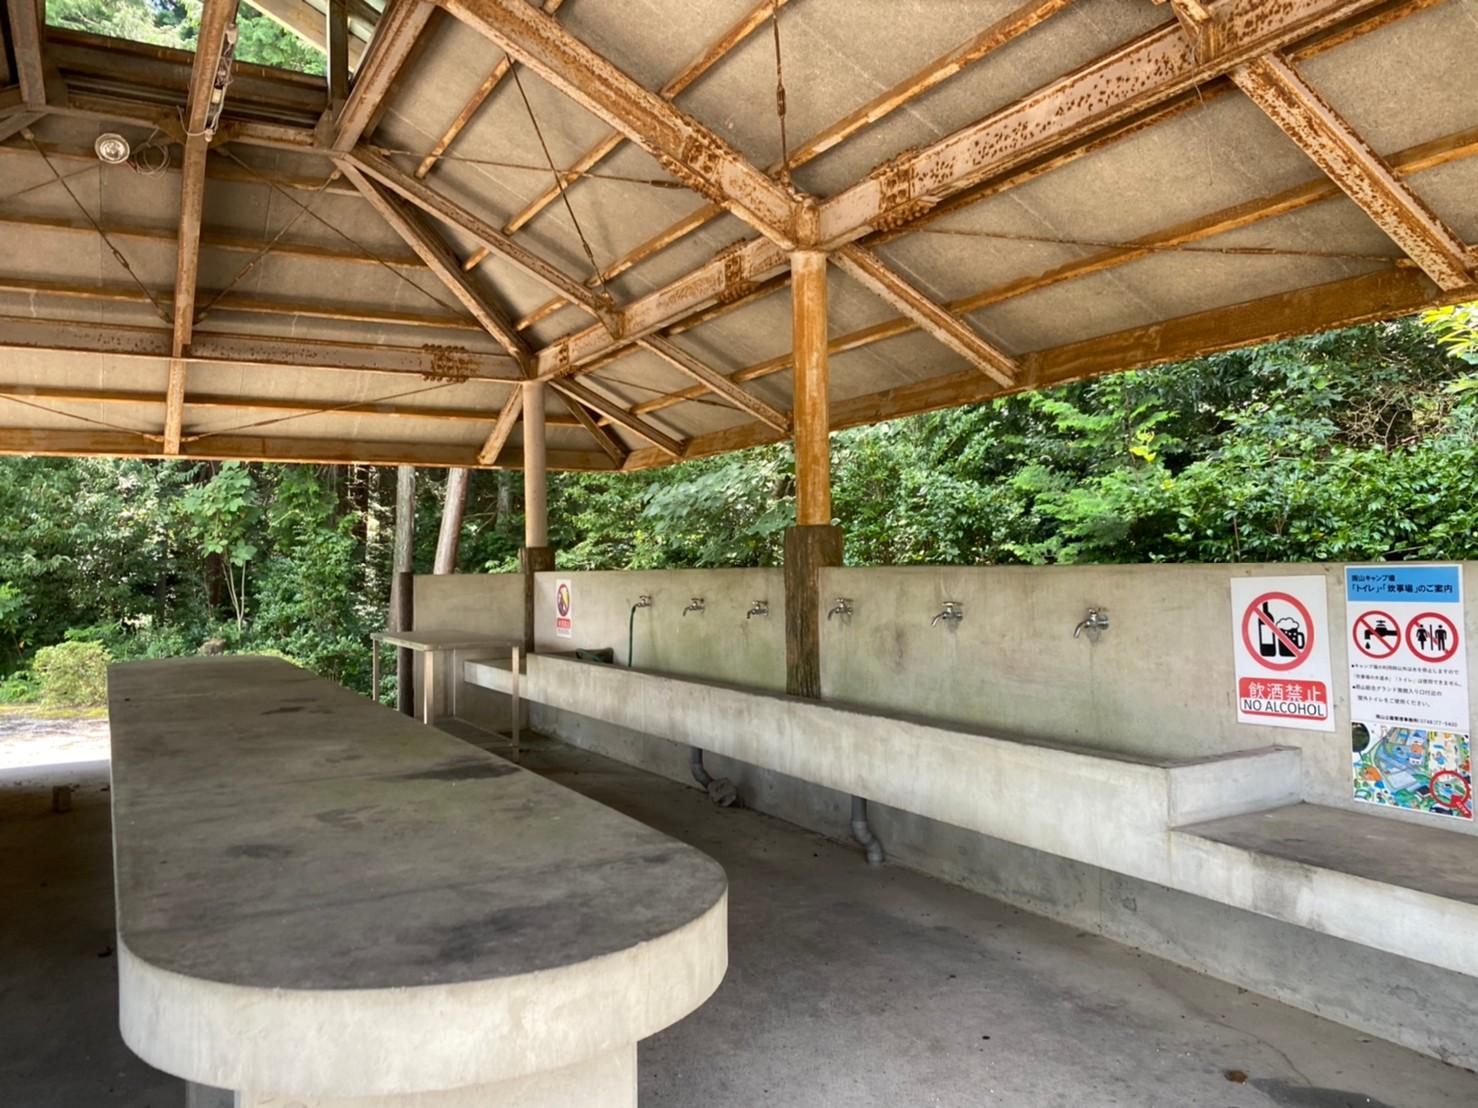 【湖南市】『雨山文化運動公園』情報まとめ(施設・駐車場・トイレ)